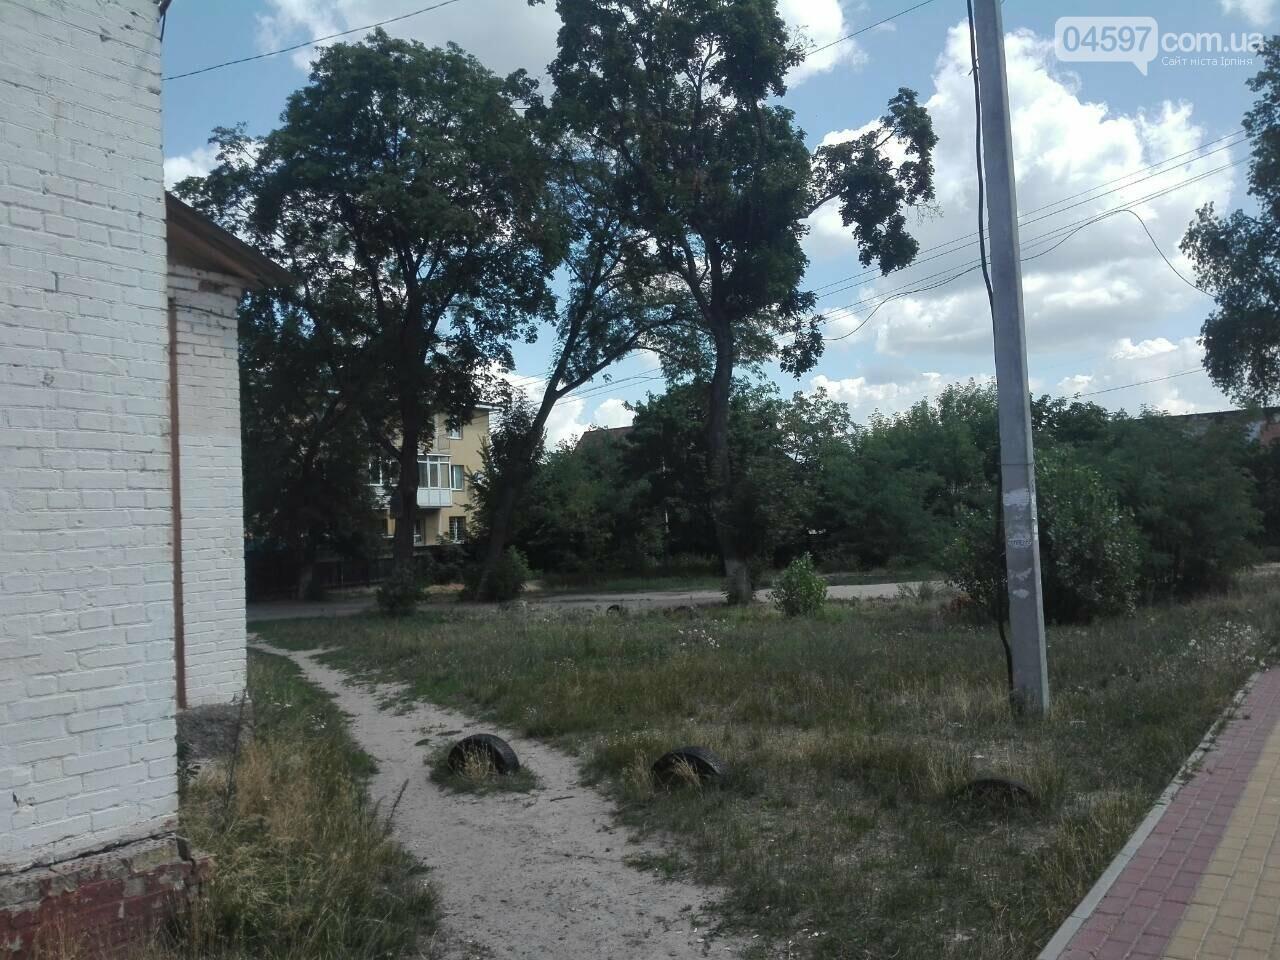 Міський будинок культури ГДК знаходиться в жахливому стані (Фото), фото-8